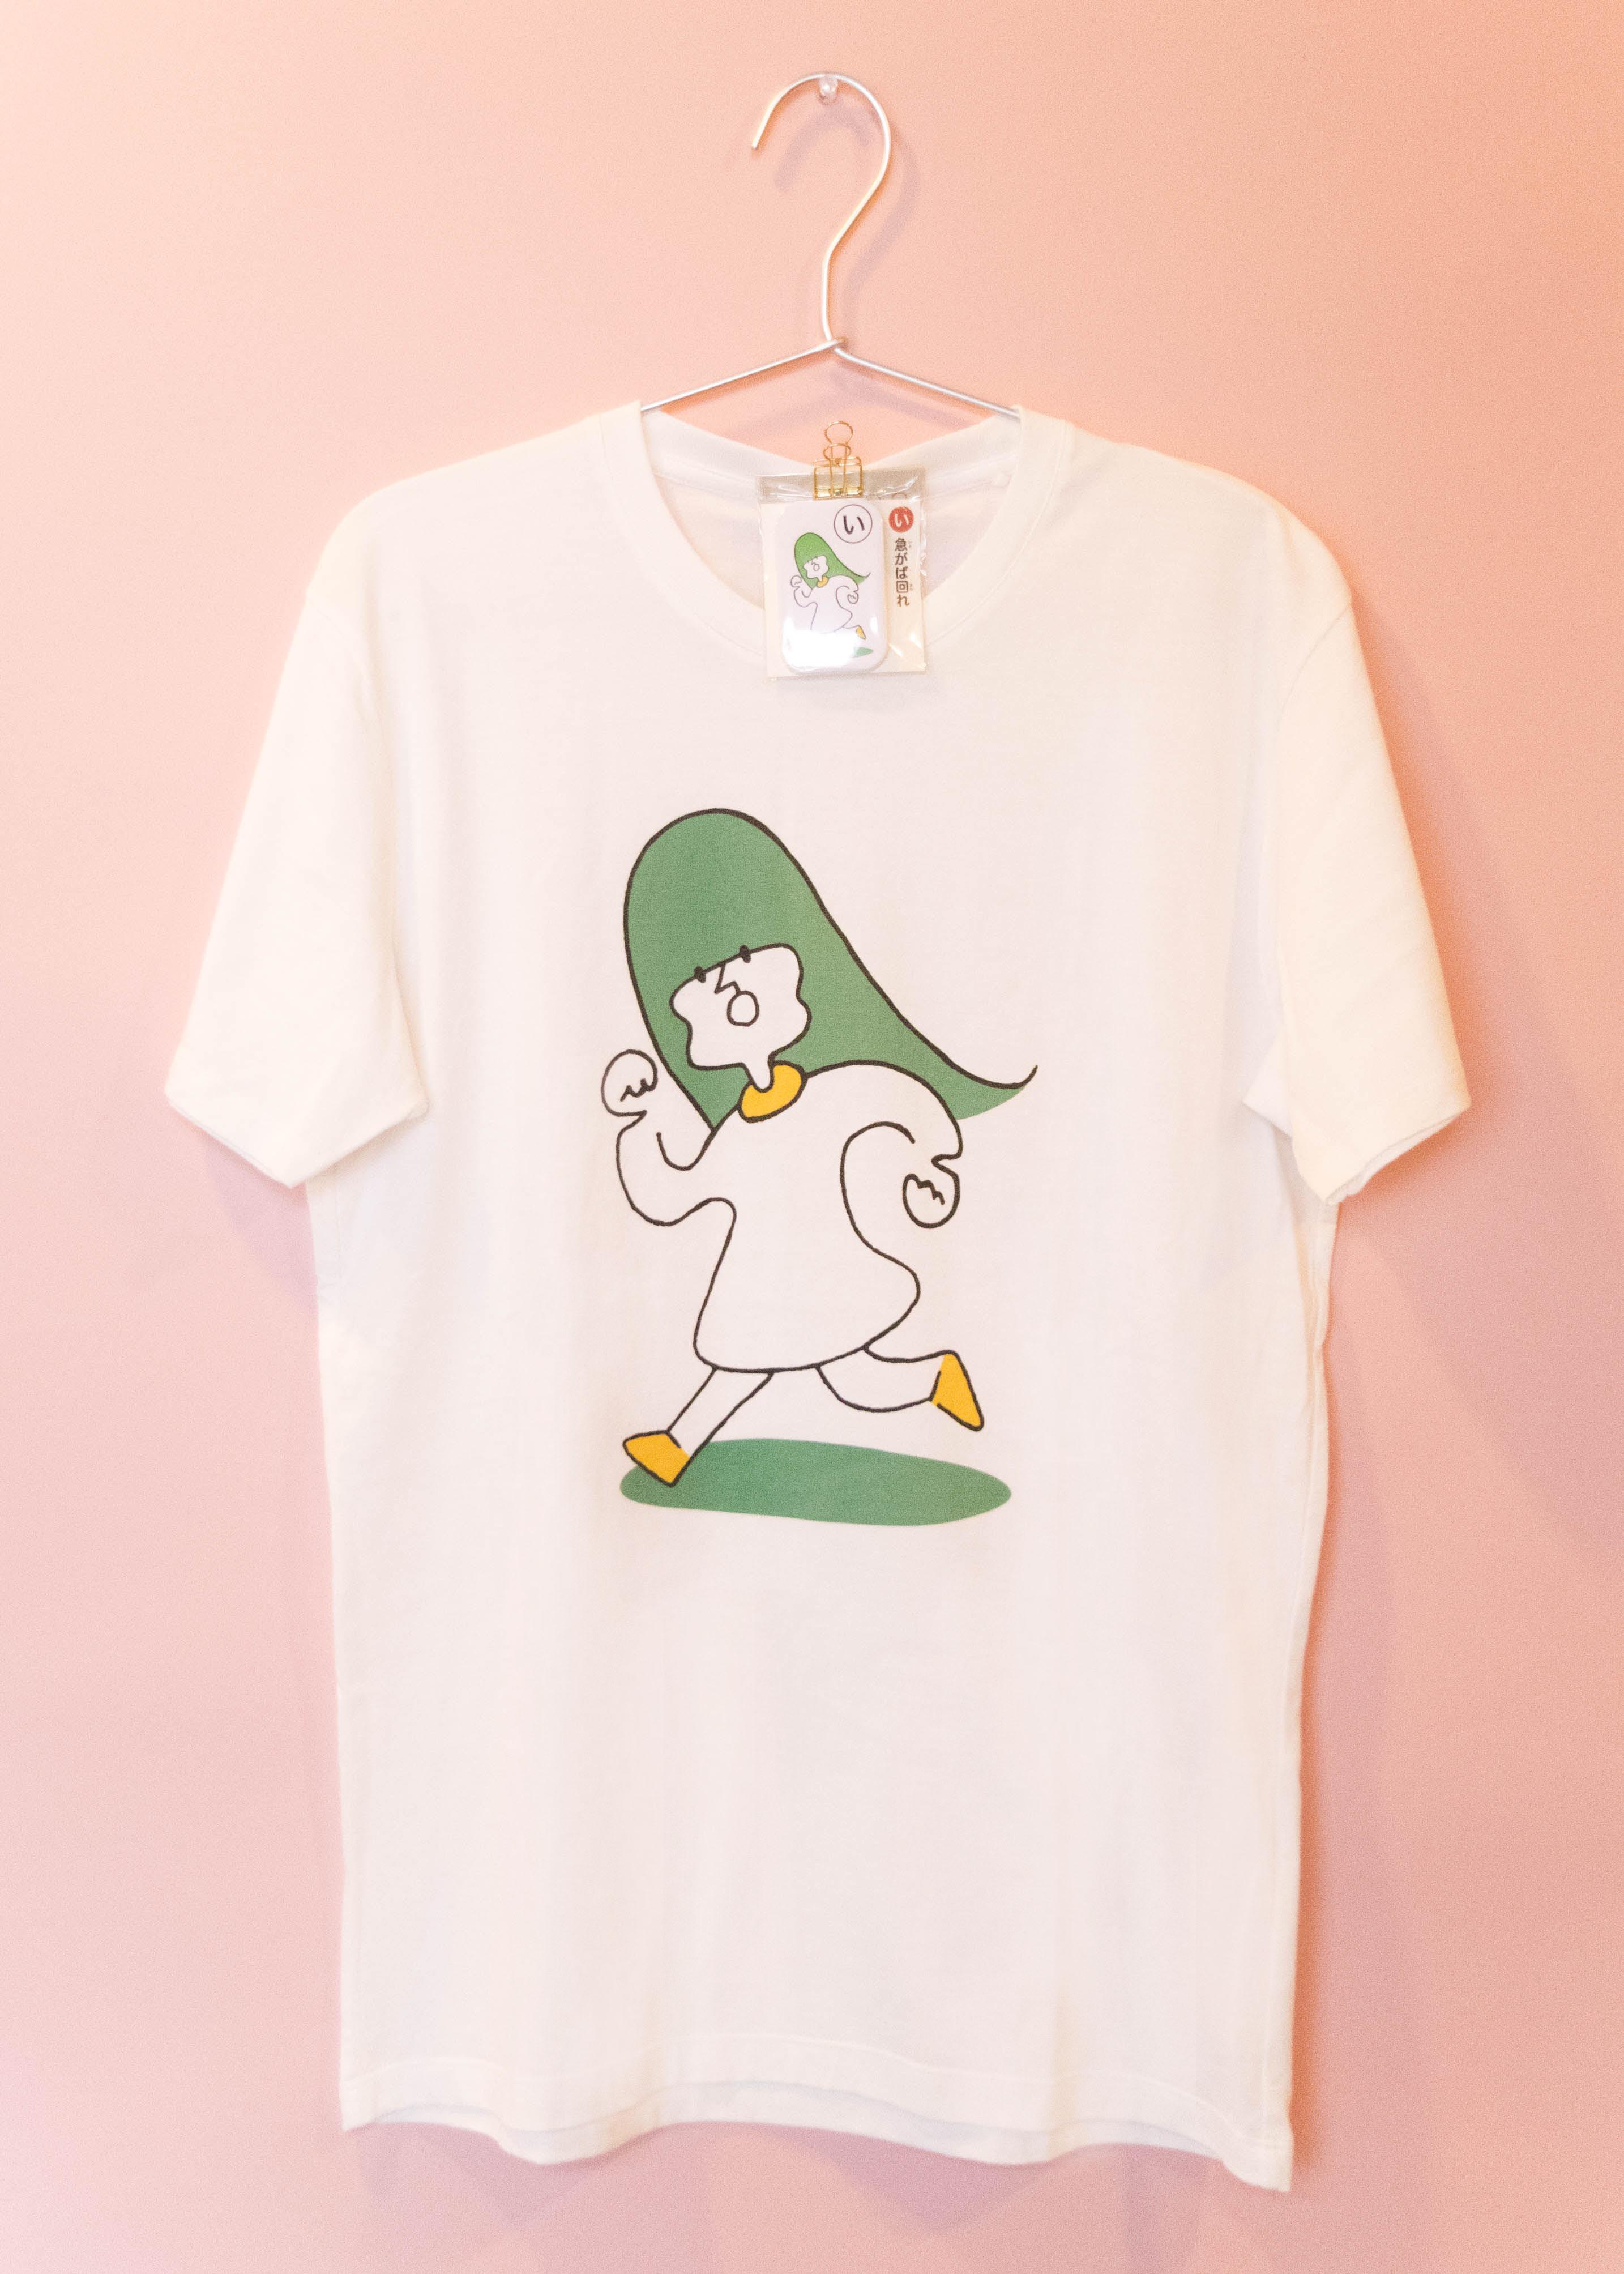 急がば回れTシャツ